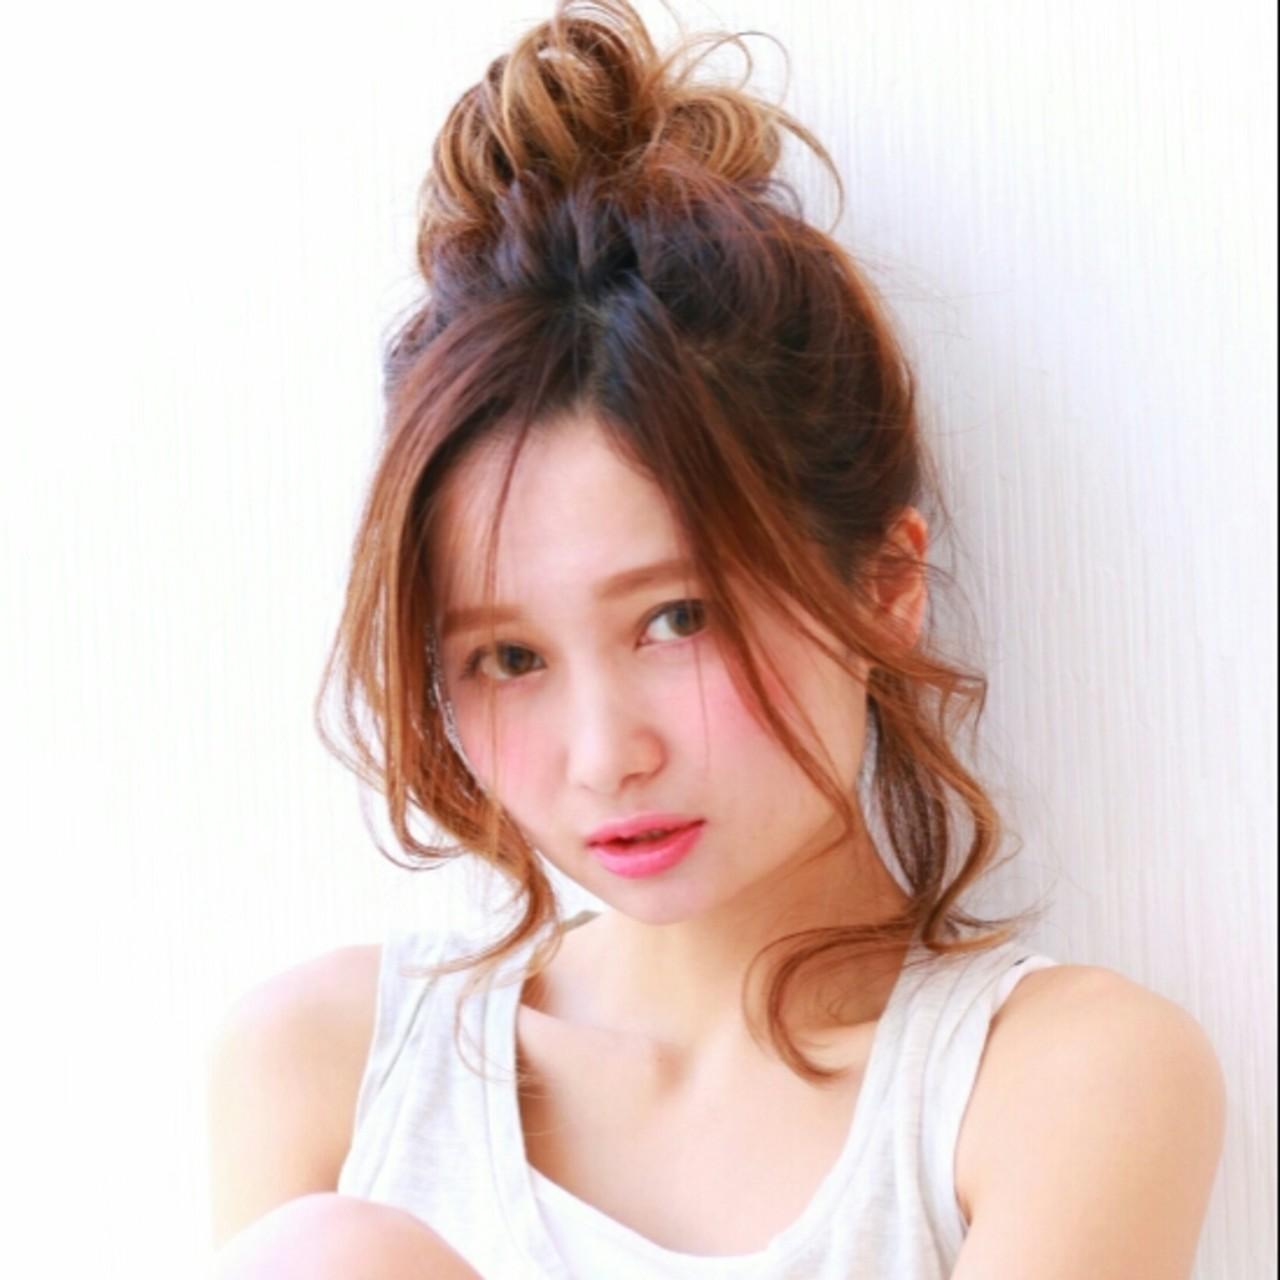 ショート お団子 ミディアム 大人かわいい ヘアスタイルや髪型の写真・画像 | 前田えみ/BLOOM /  BLOOM(ブルーム)